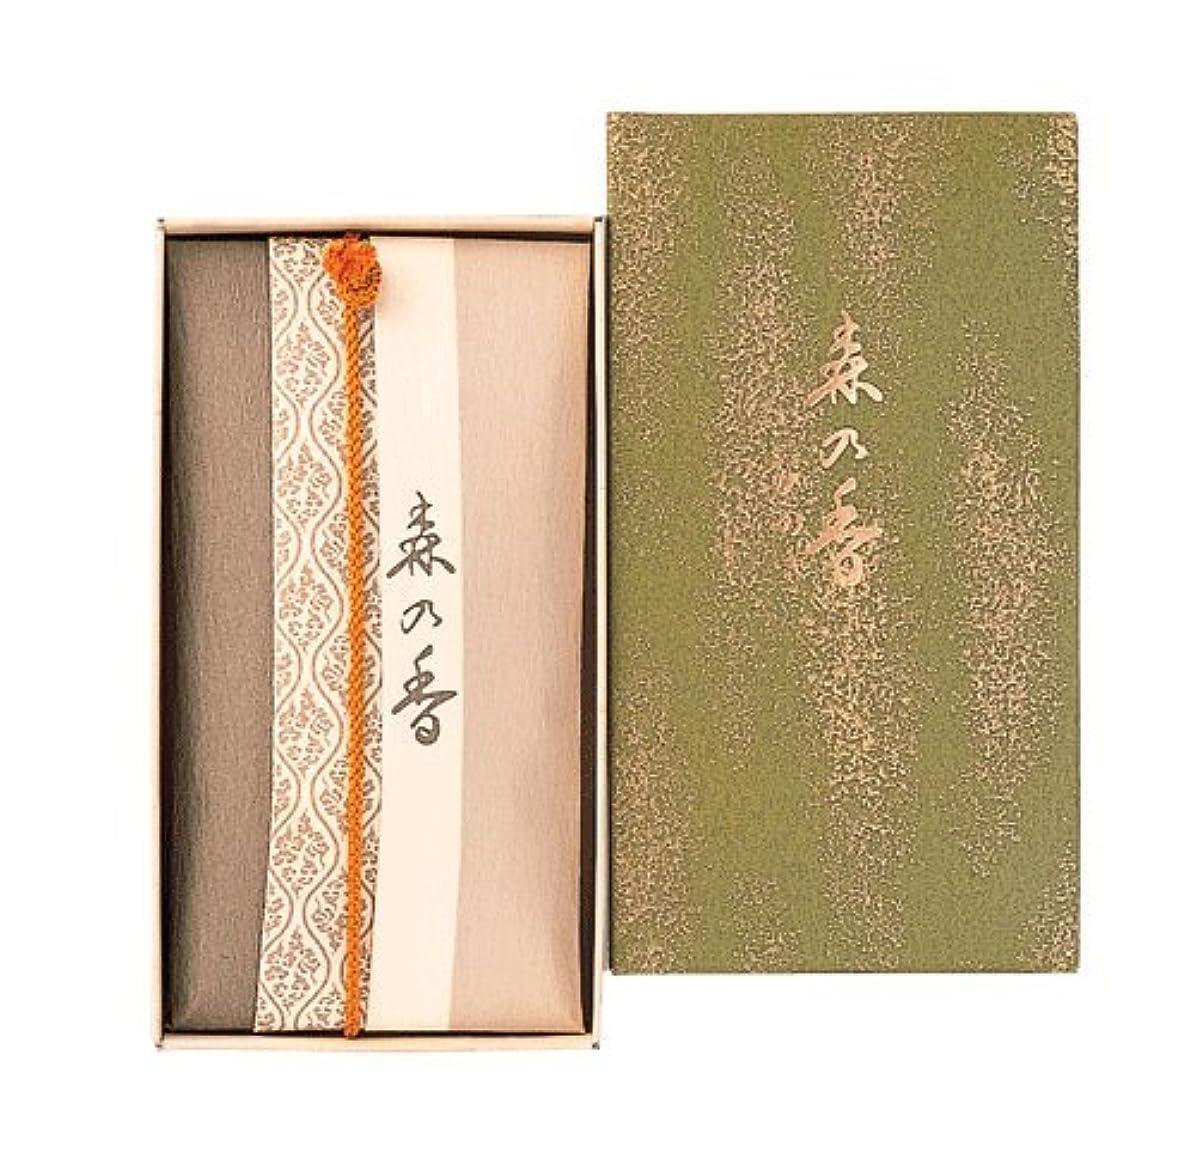 アカウントキロメートルパース香木の香りのお香 森の香 ひのき コーン24個入